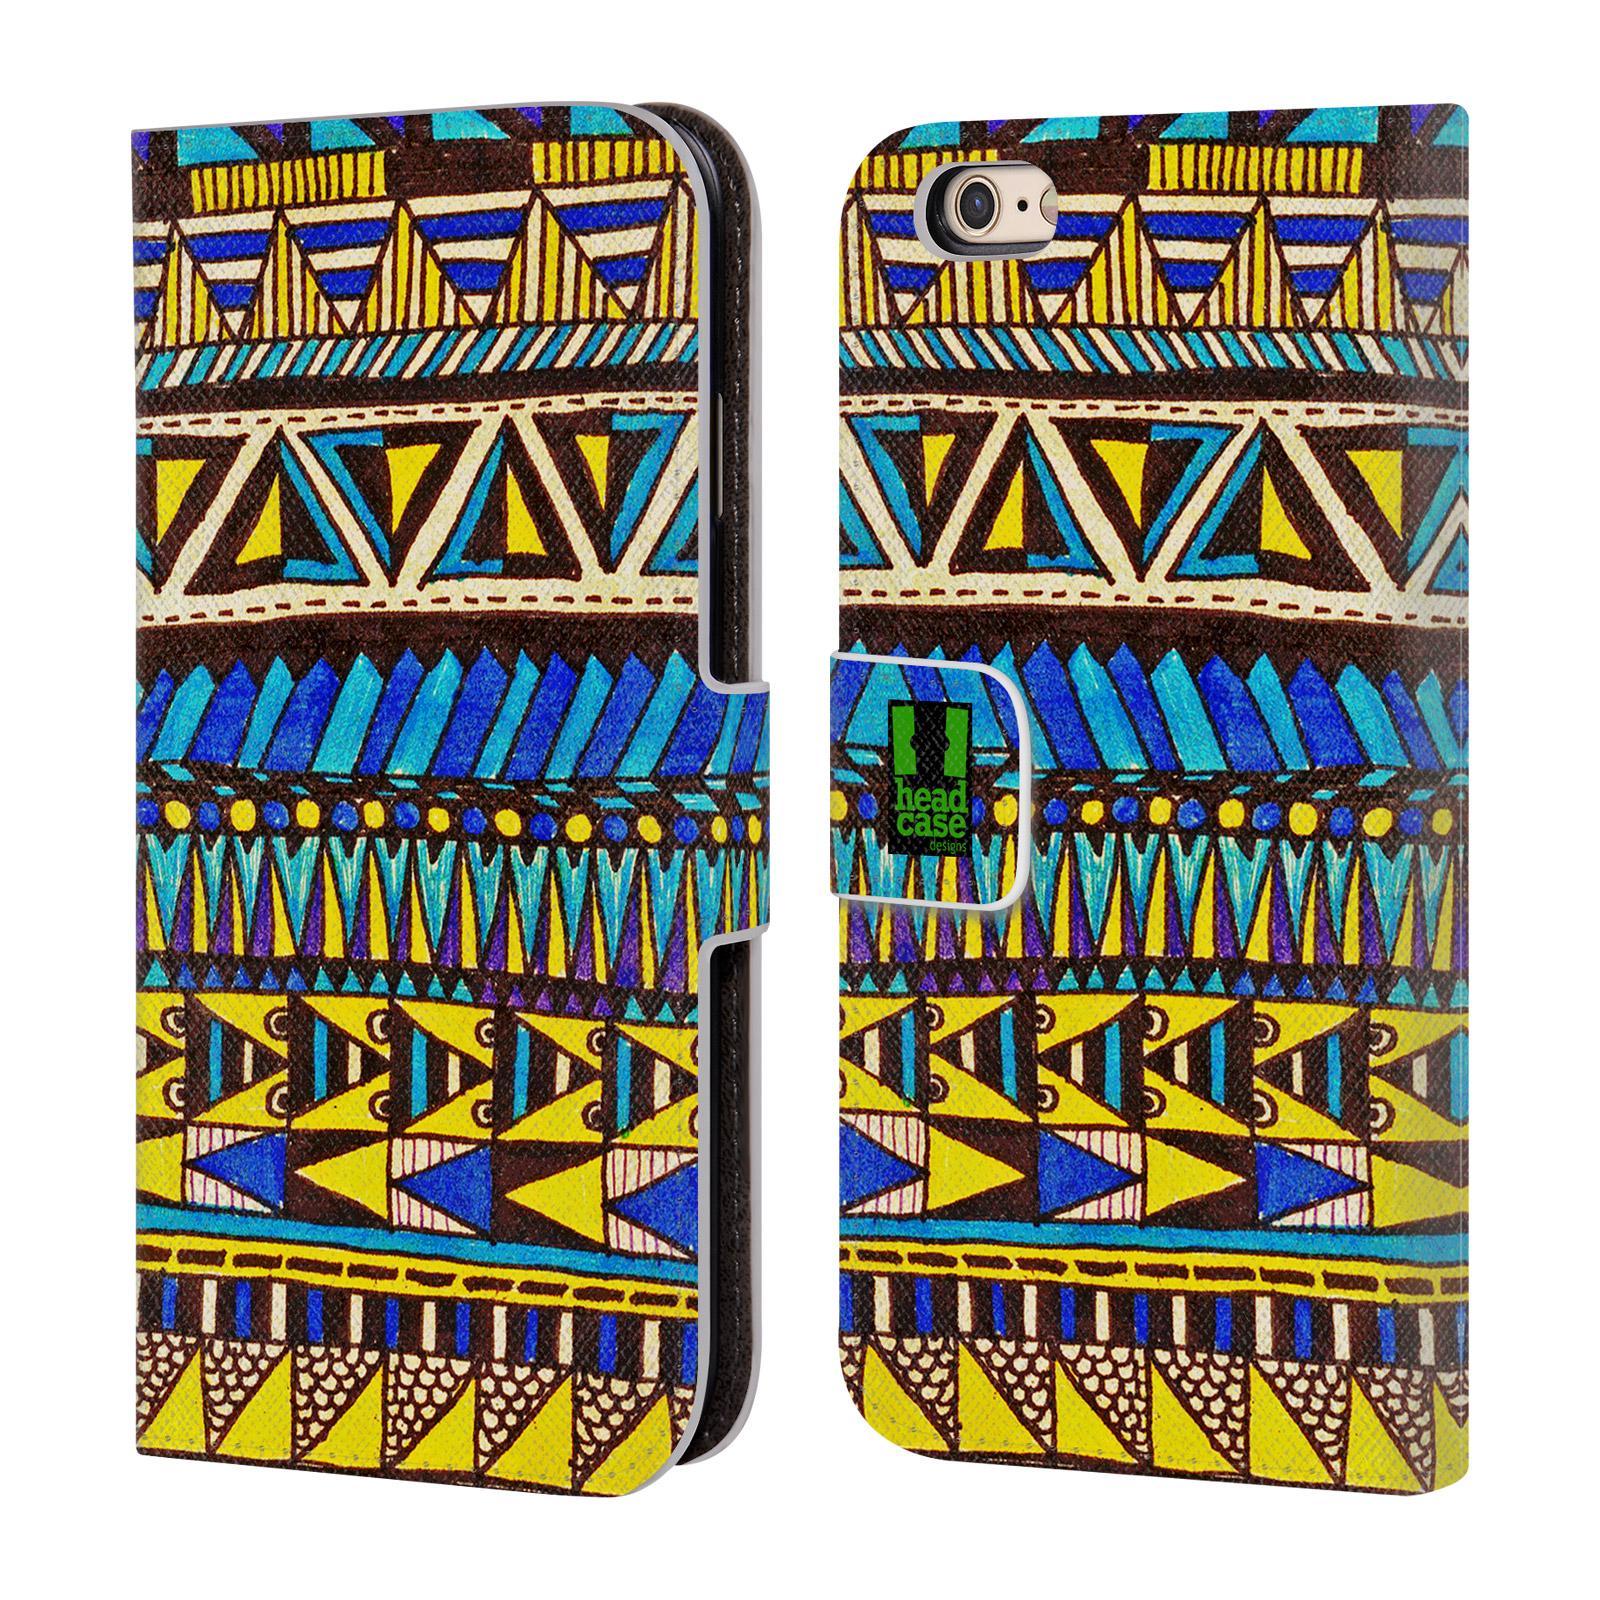 HEAD CASE Flipové pouzdro pro mobil Apple Iphone 6/6s Barevná aztécká čmáranice modrá